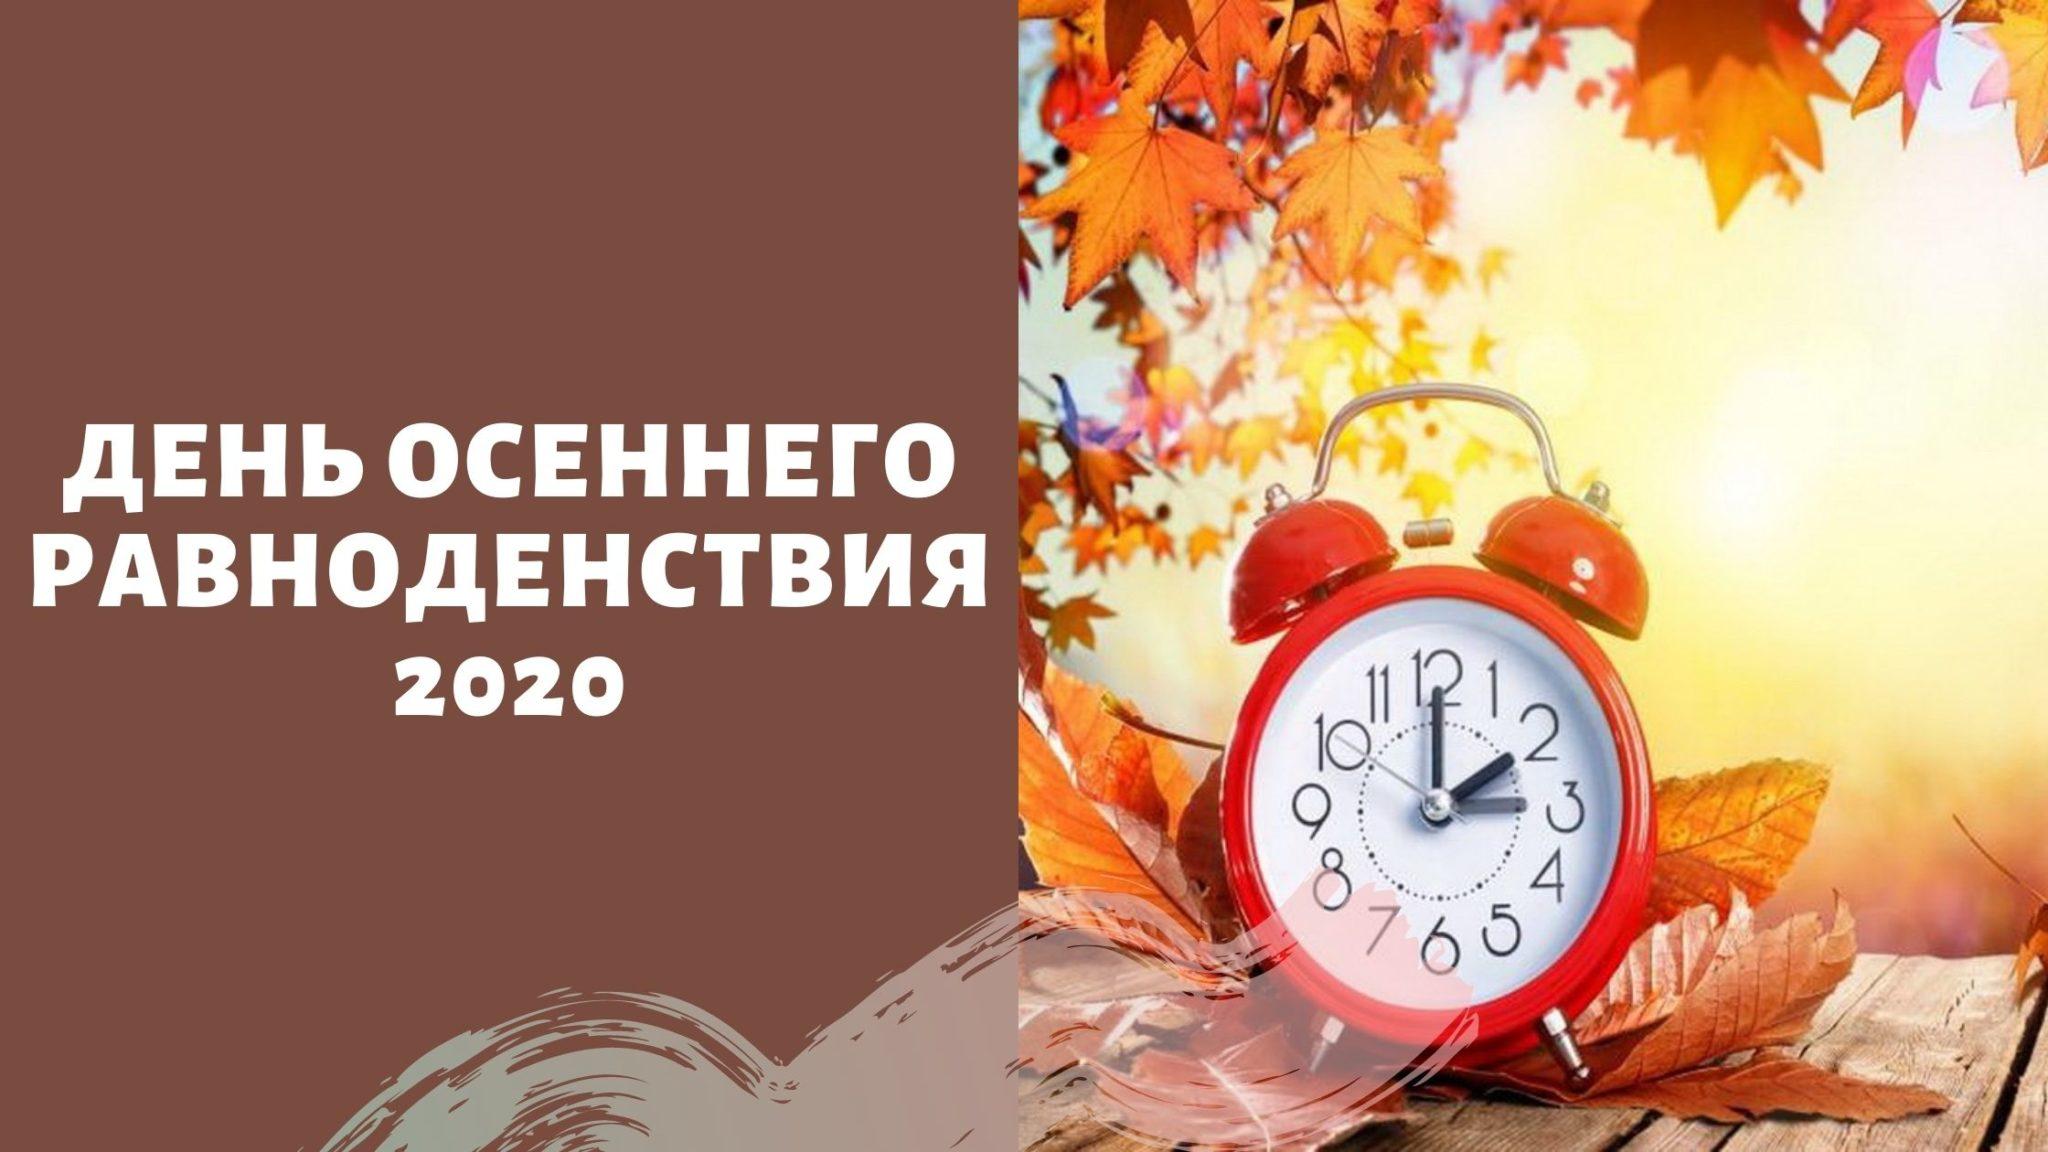 День осеннего равноденствия 2020